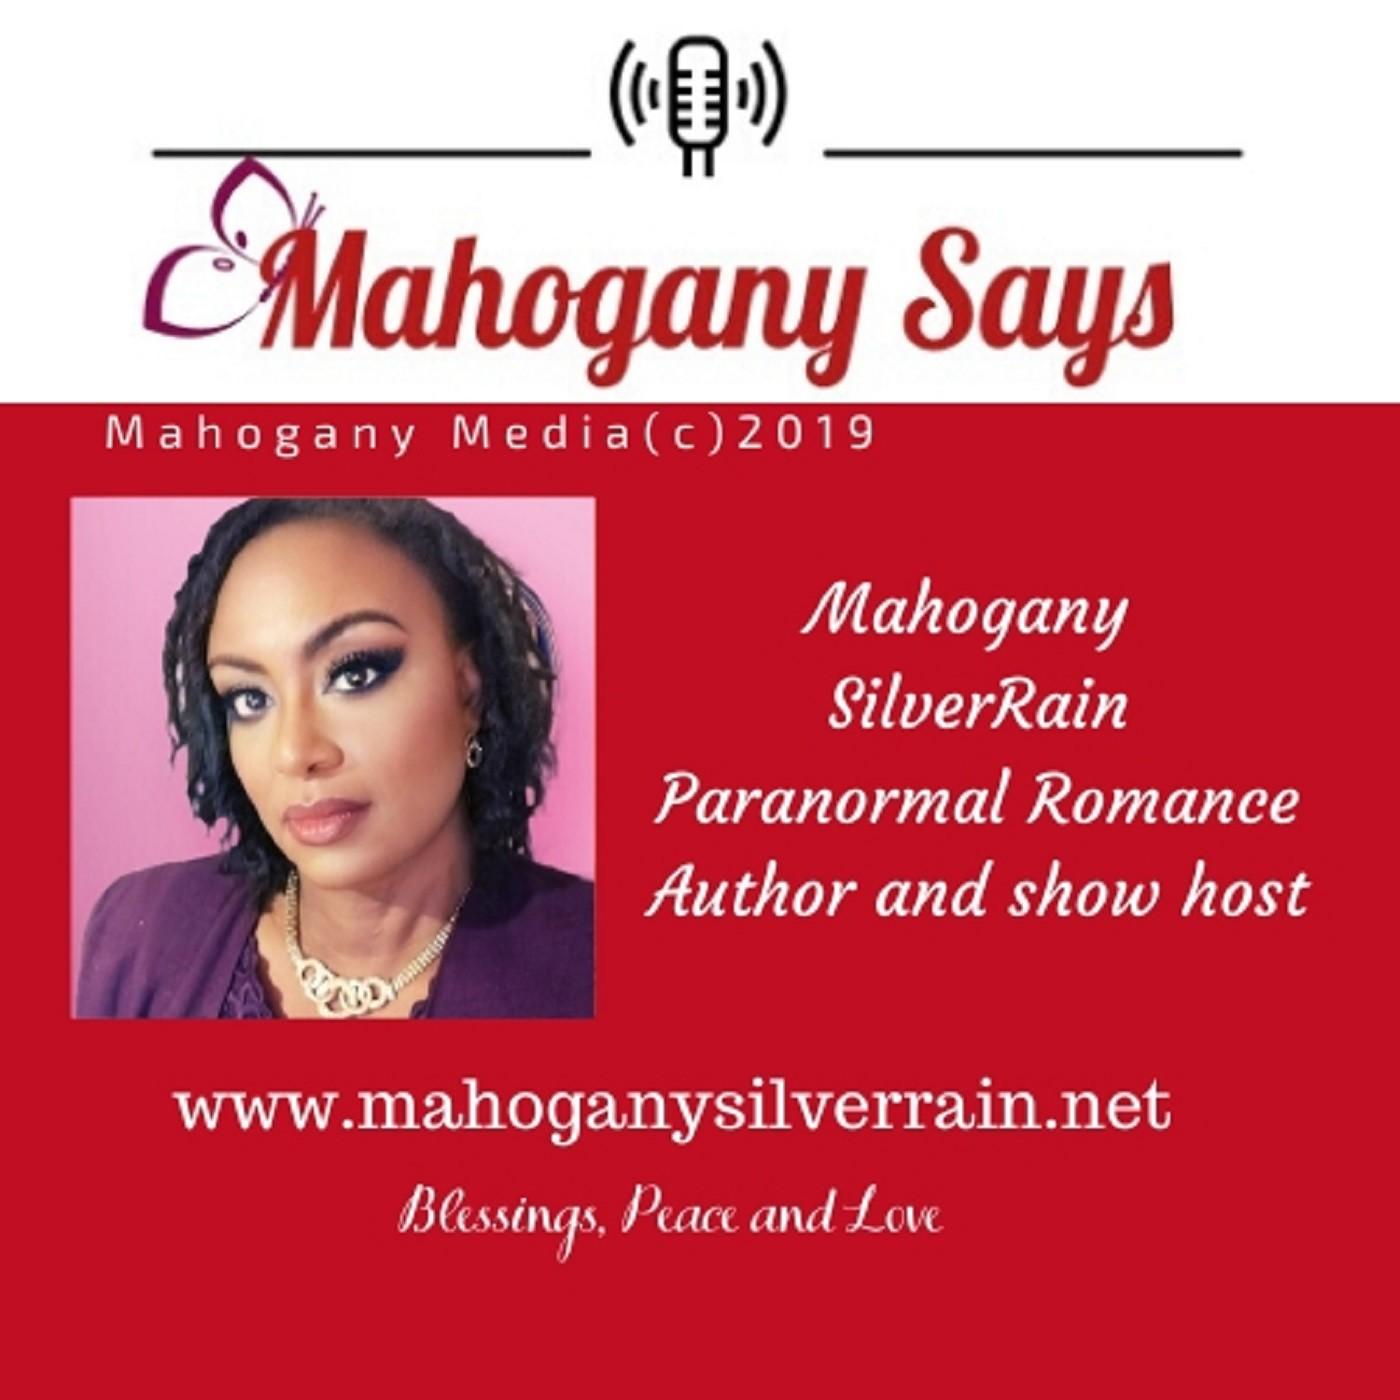 Mahogany Says